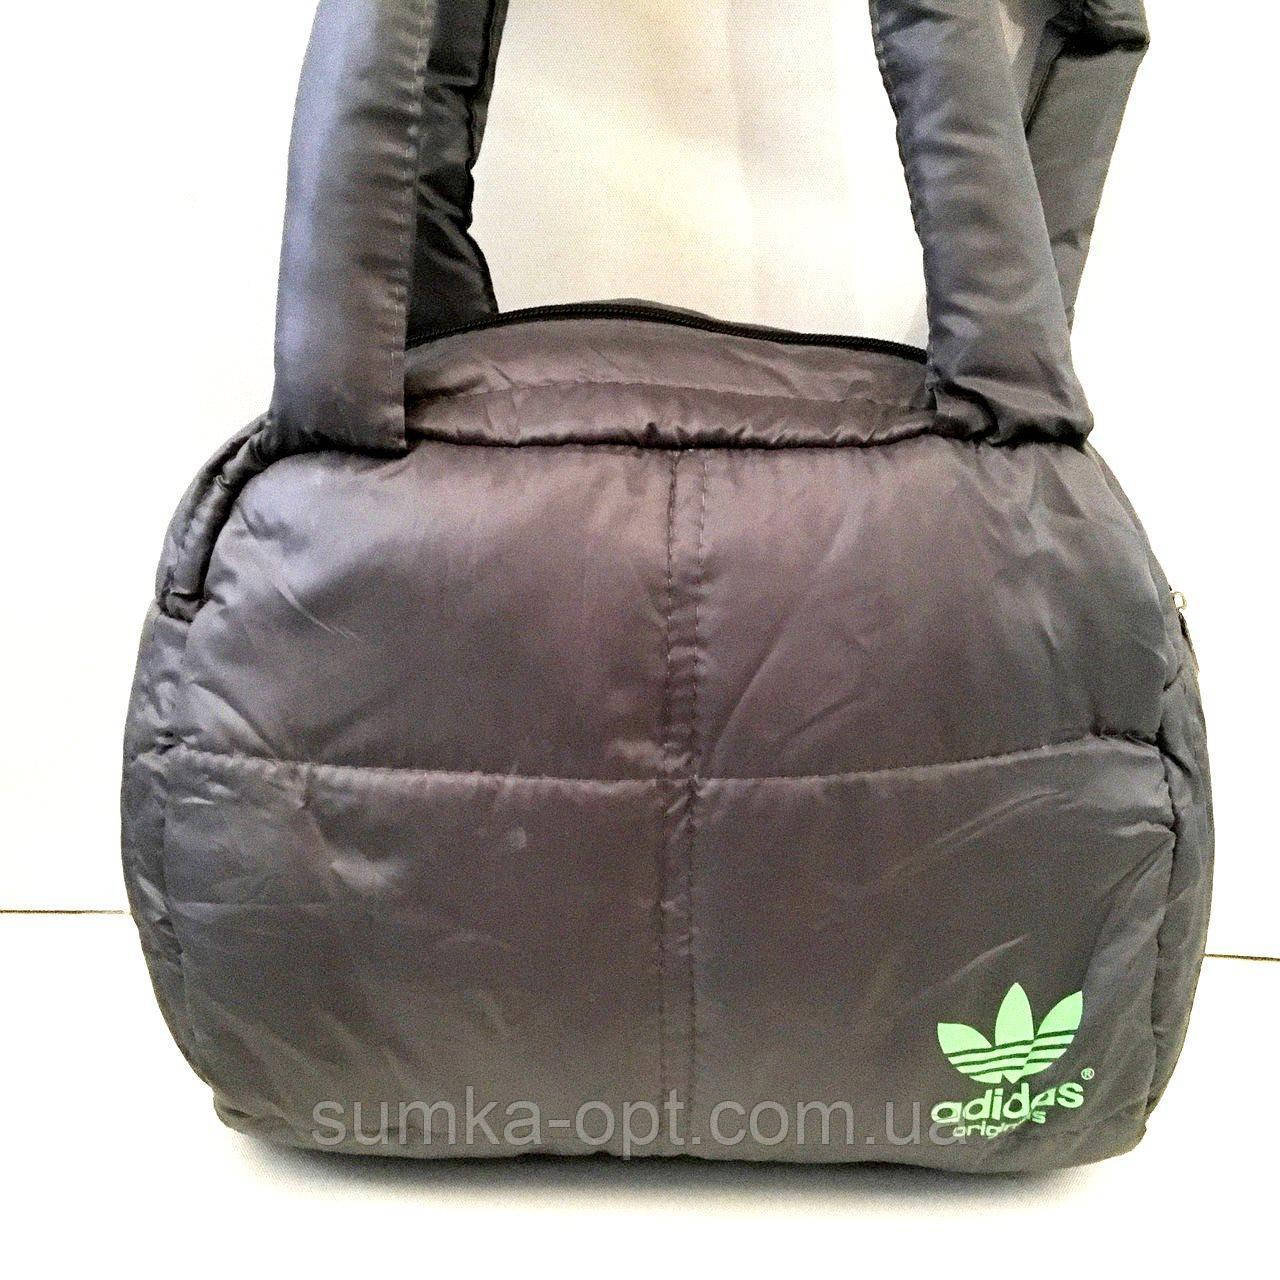 Дутые СПОРТИВНЫЕ сумки под пуховик Adidas МАЛ (СЕРЫЙ-САЛАТОВЫЙ)25*28см